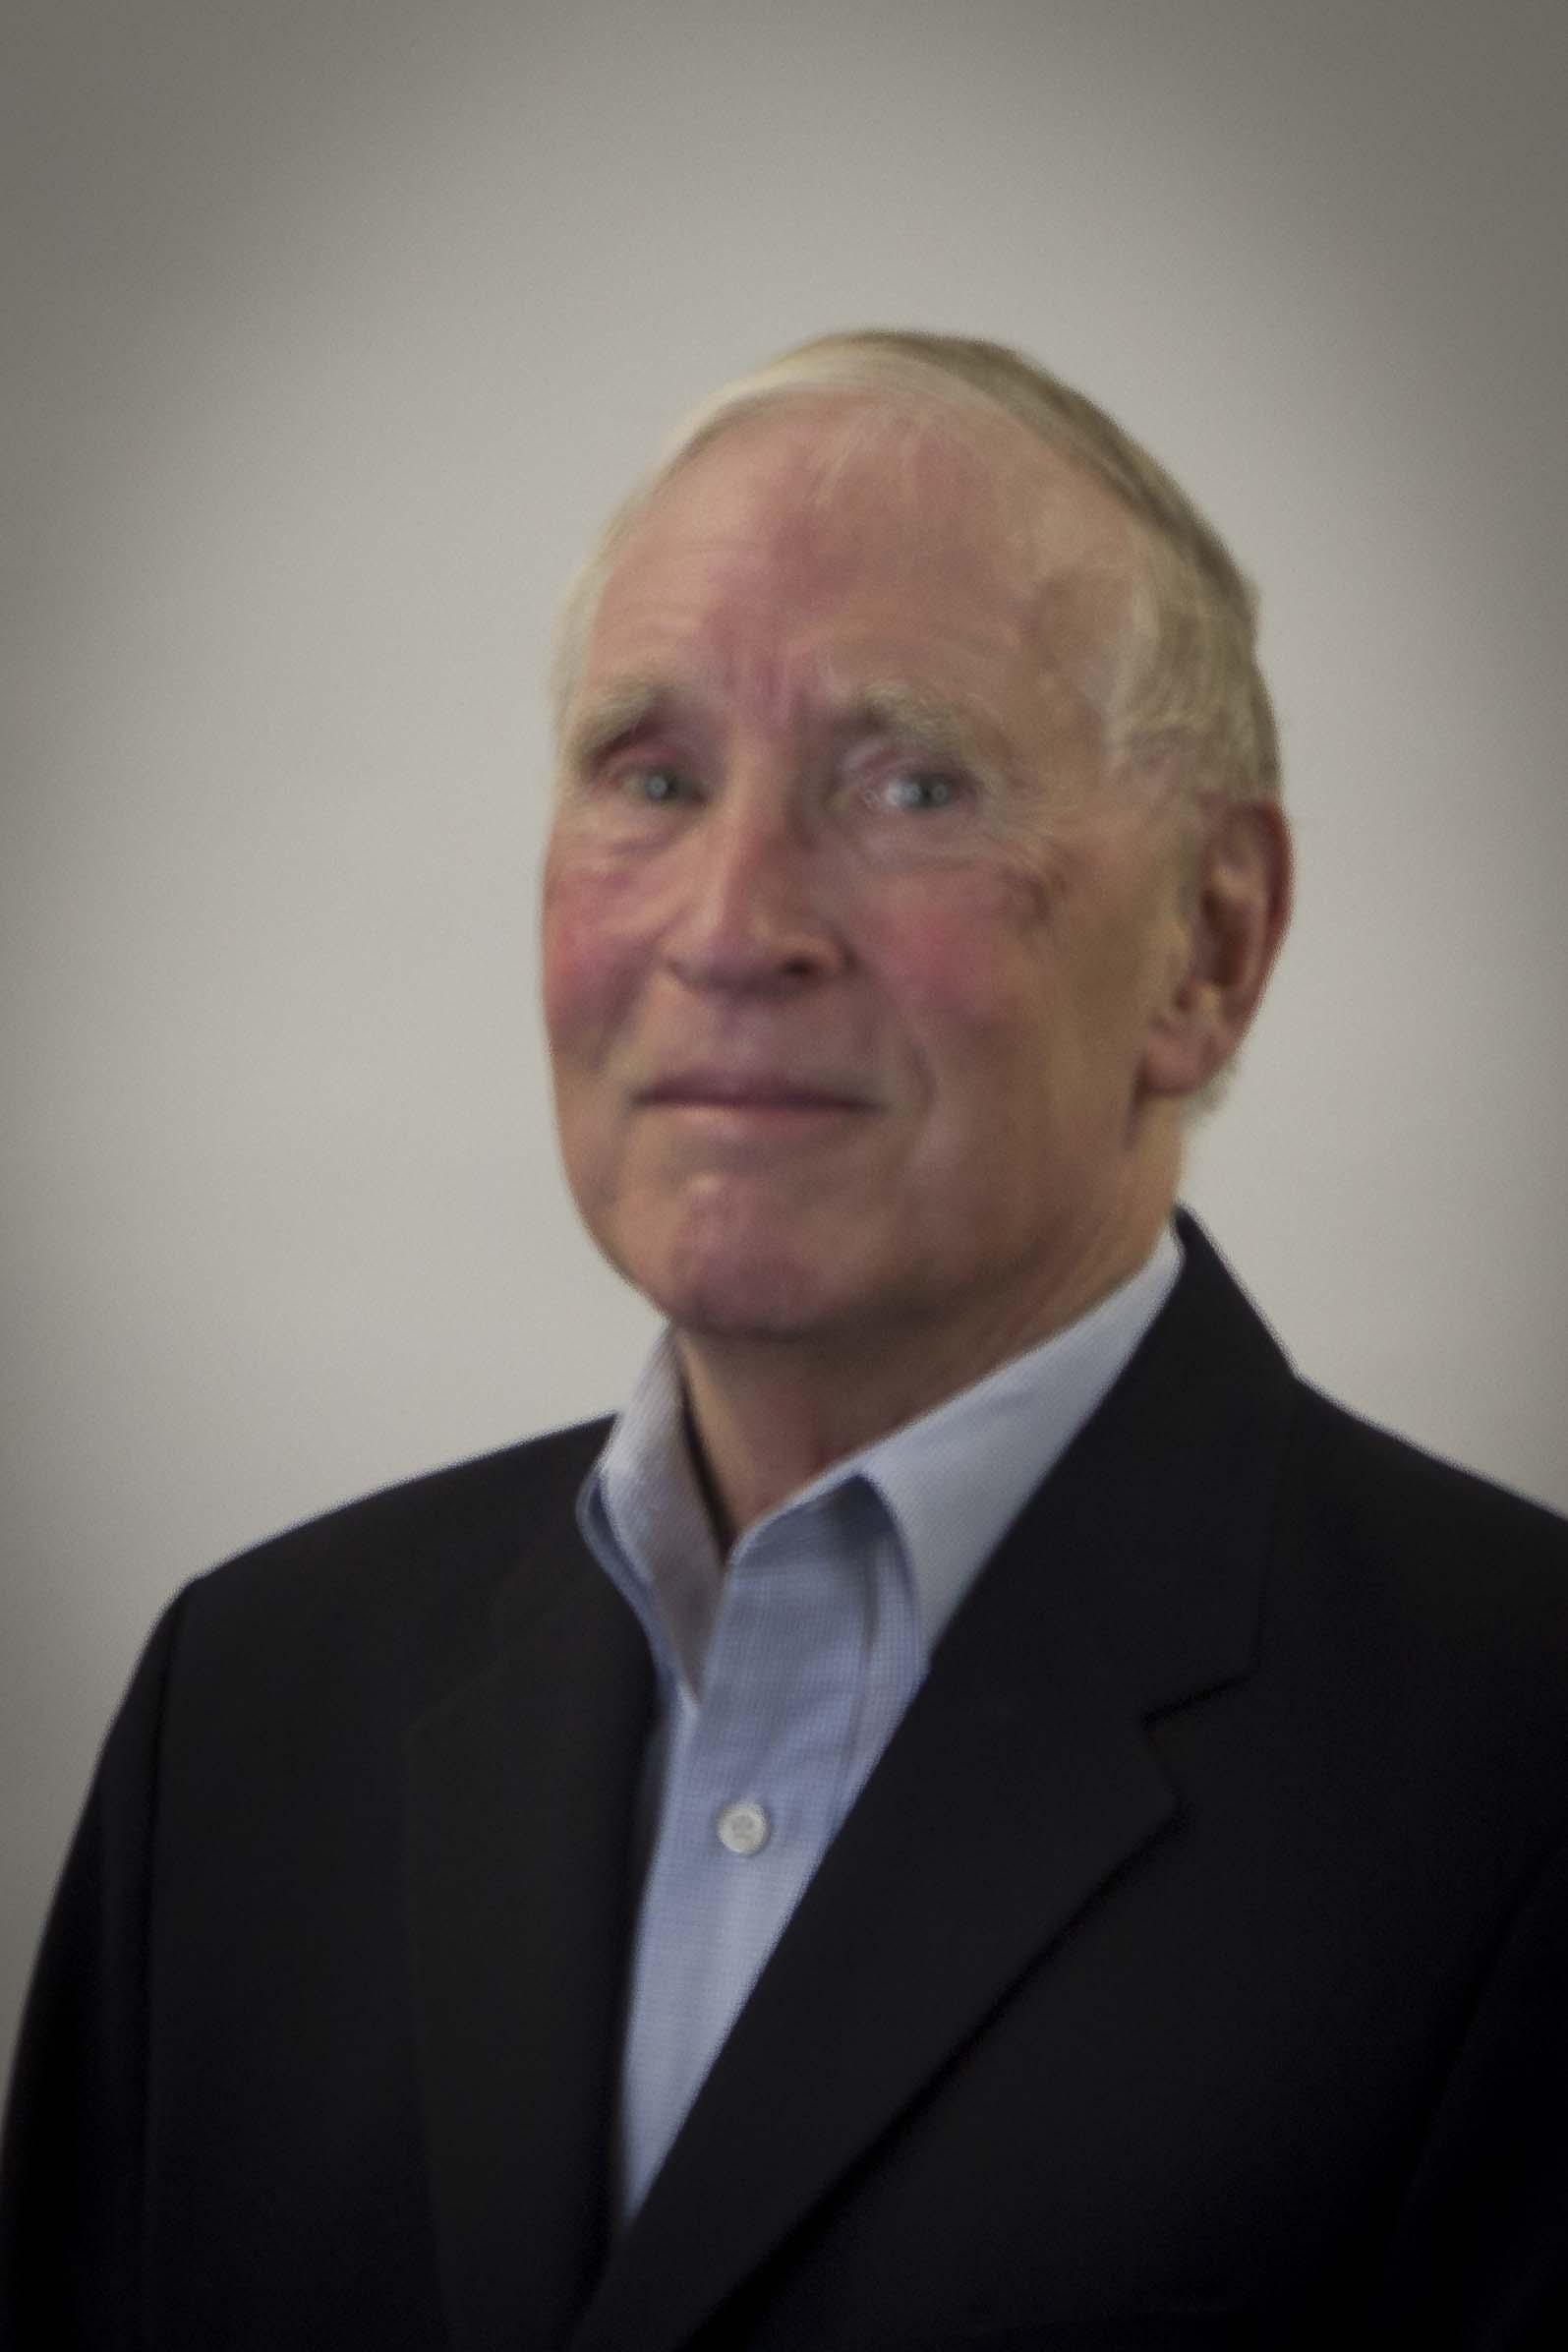 Robert L. Cotter